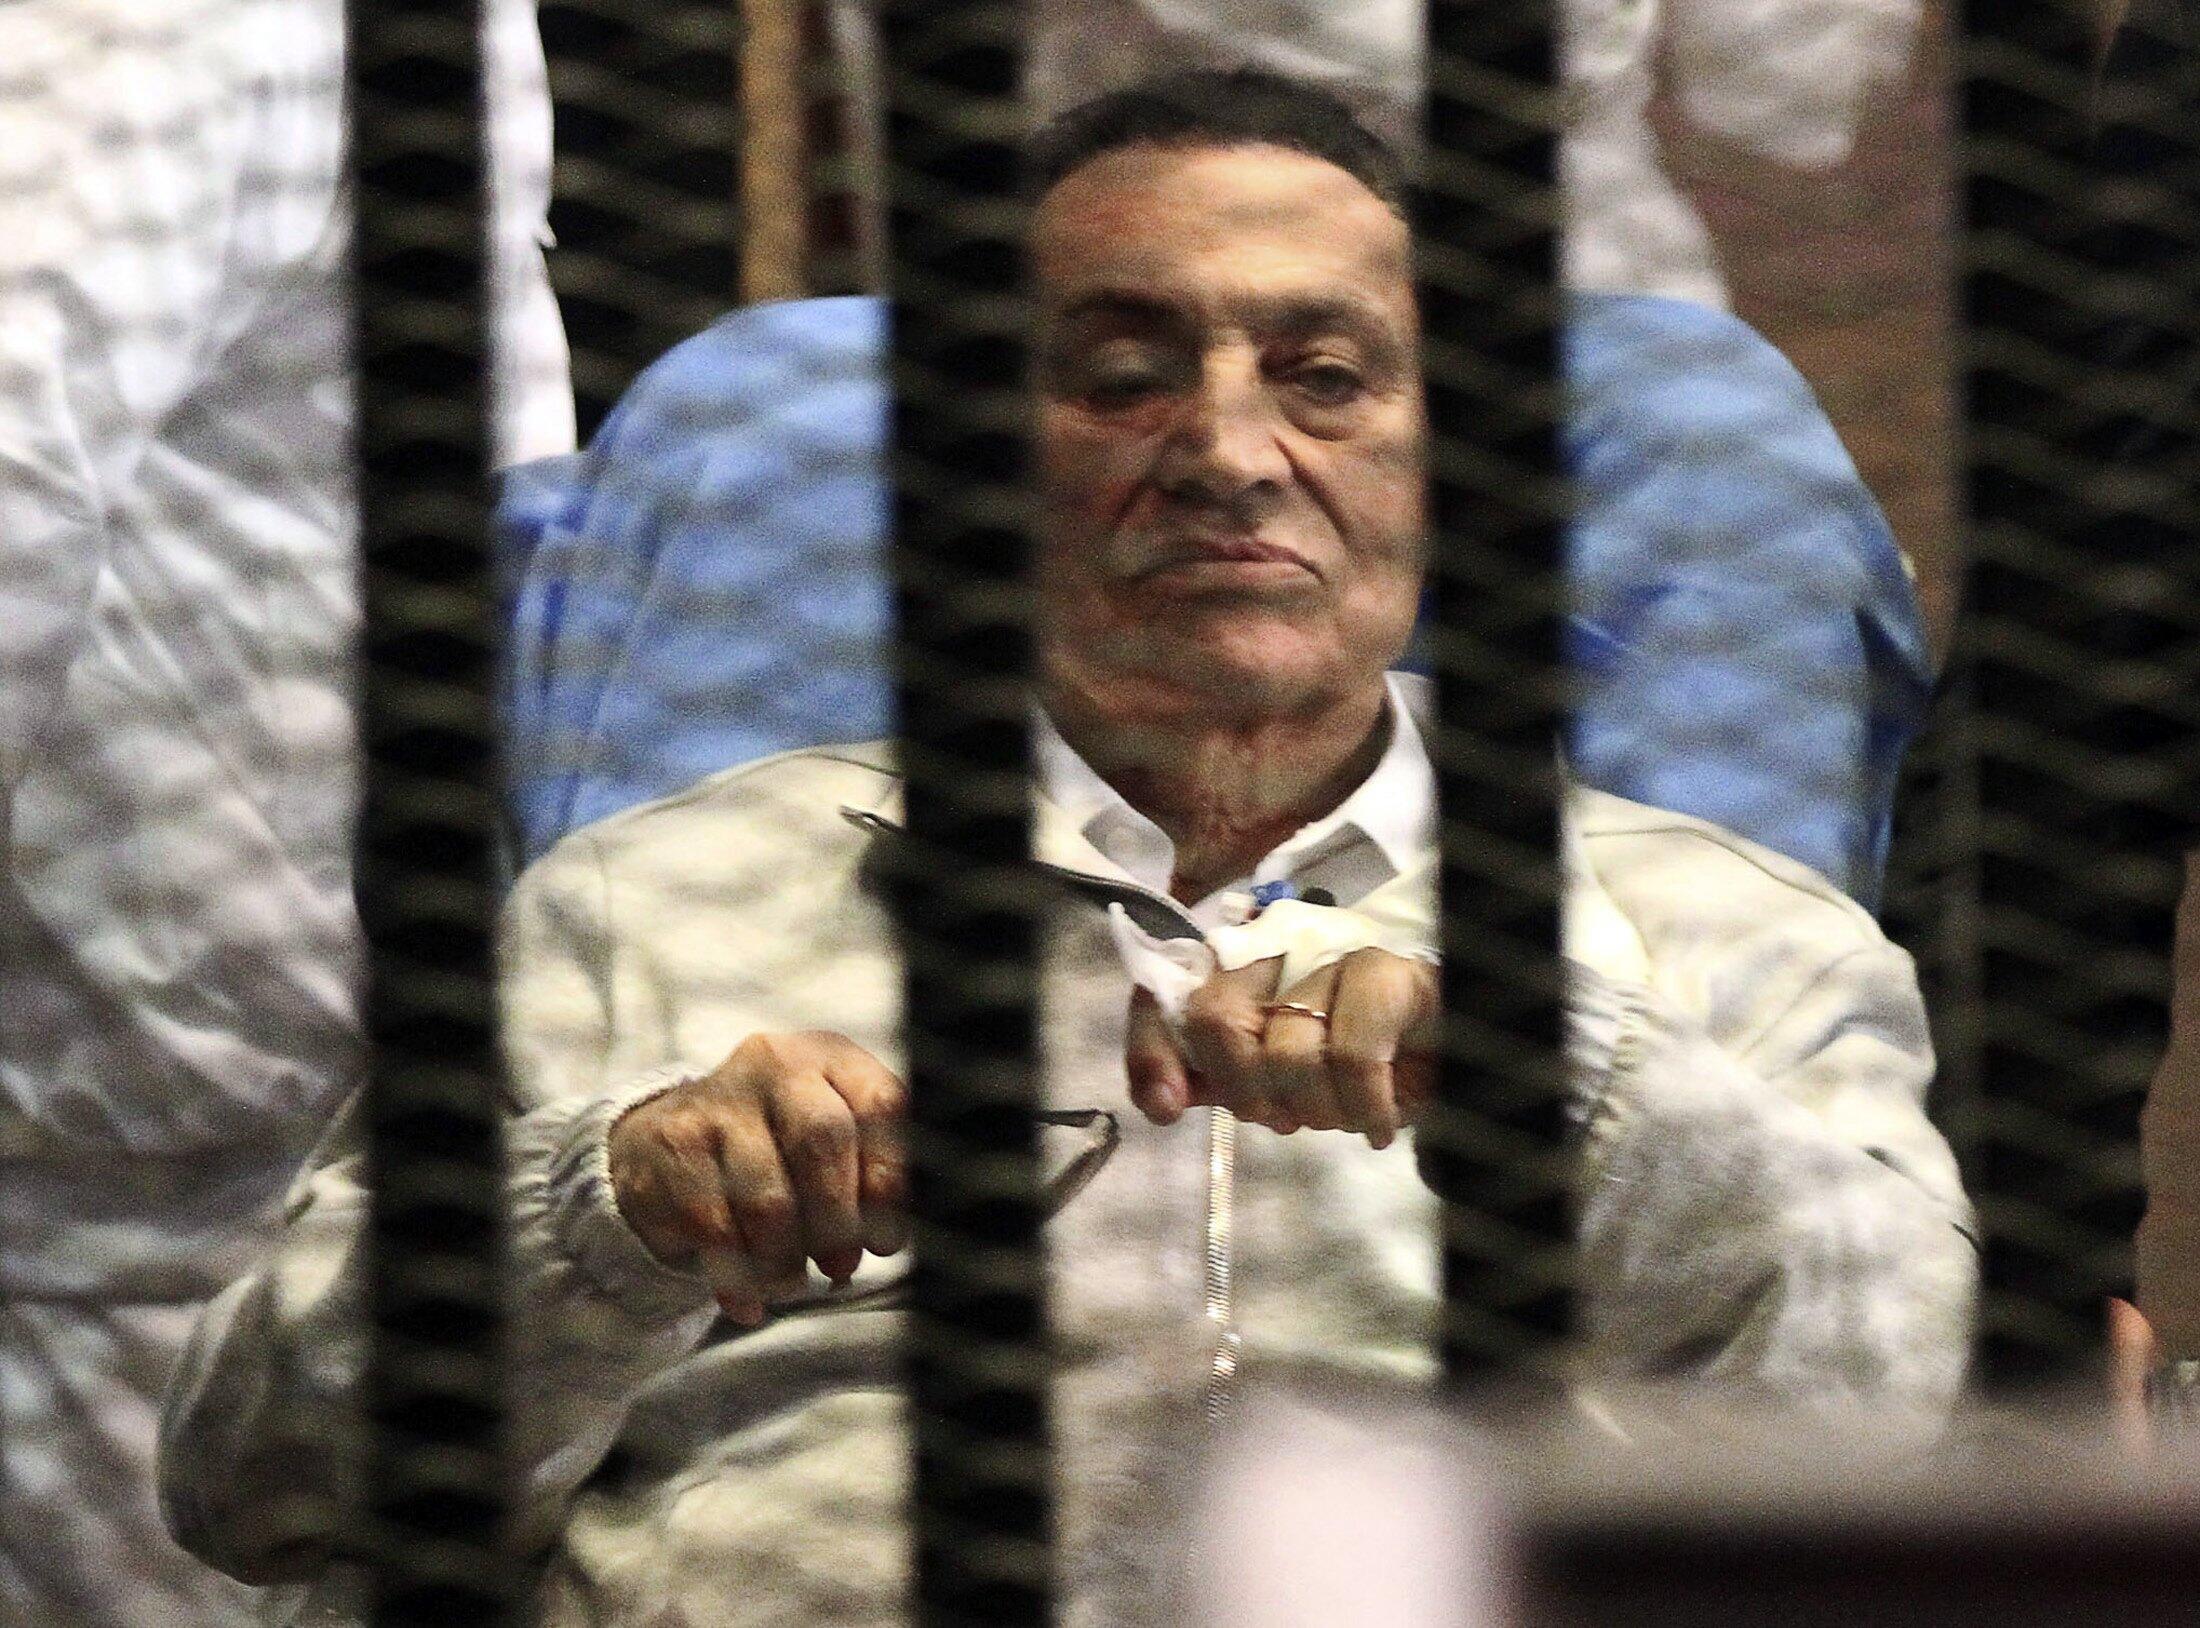 Cựu Tổng thống Ai Cập bị lật đổ Hosni Moubarak trong trại tạm giam của Học viện Cảnh sát, nằm ở ngoại ô Cairo. Ảnh chụp ngày 15/04/2013.